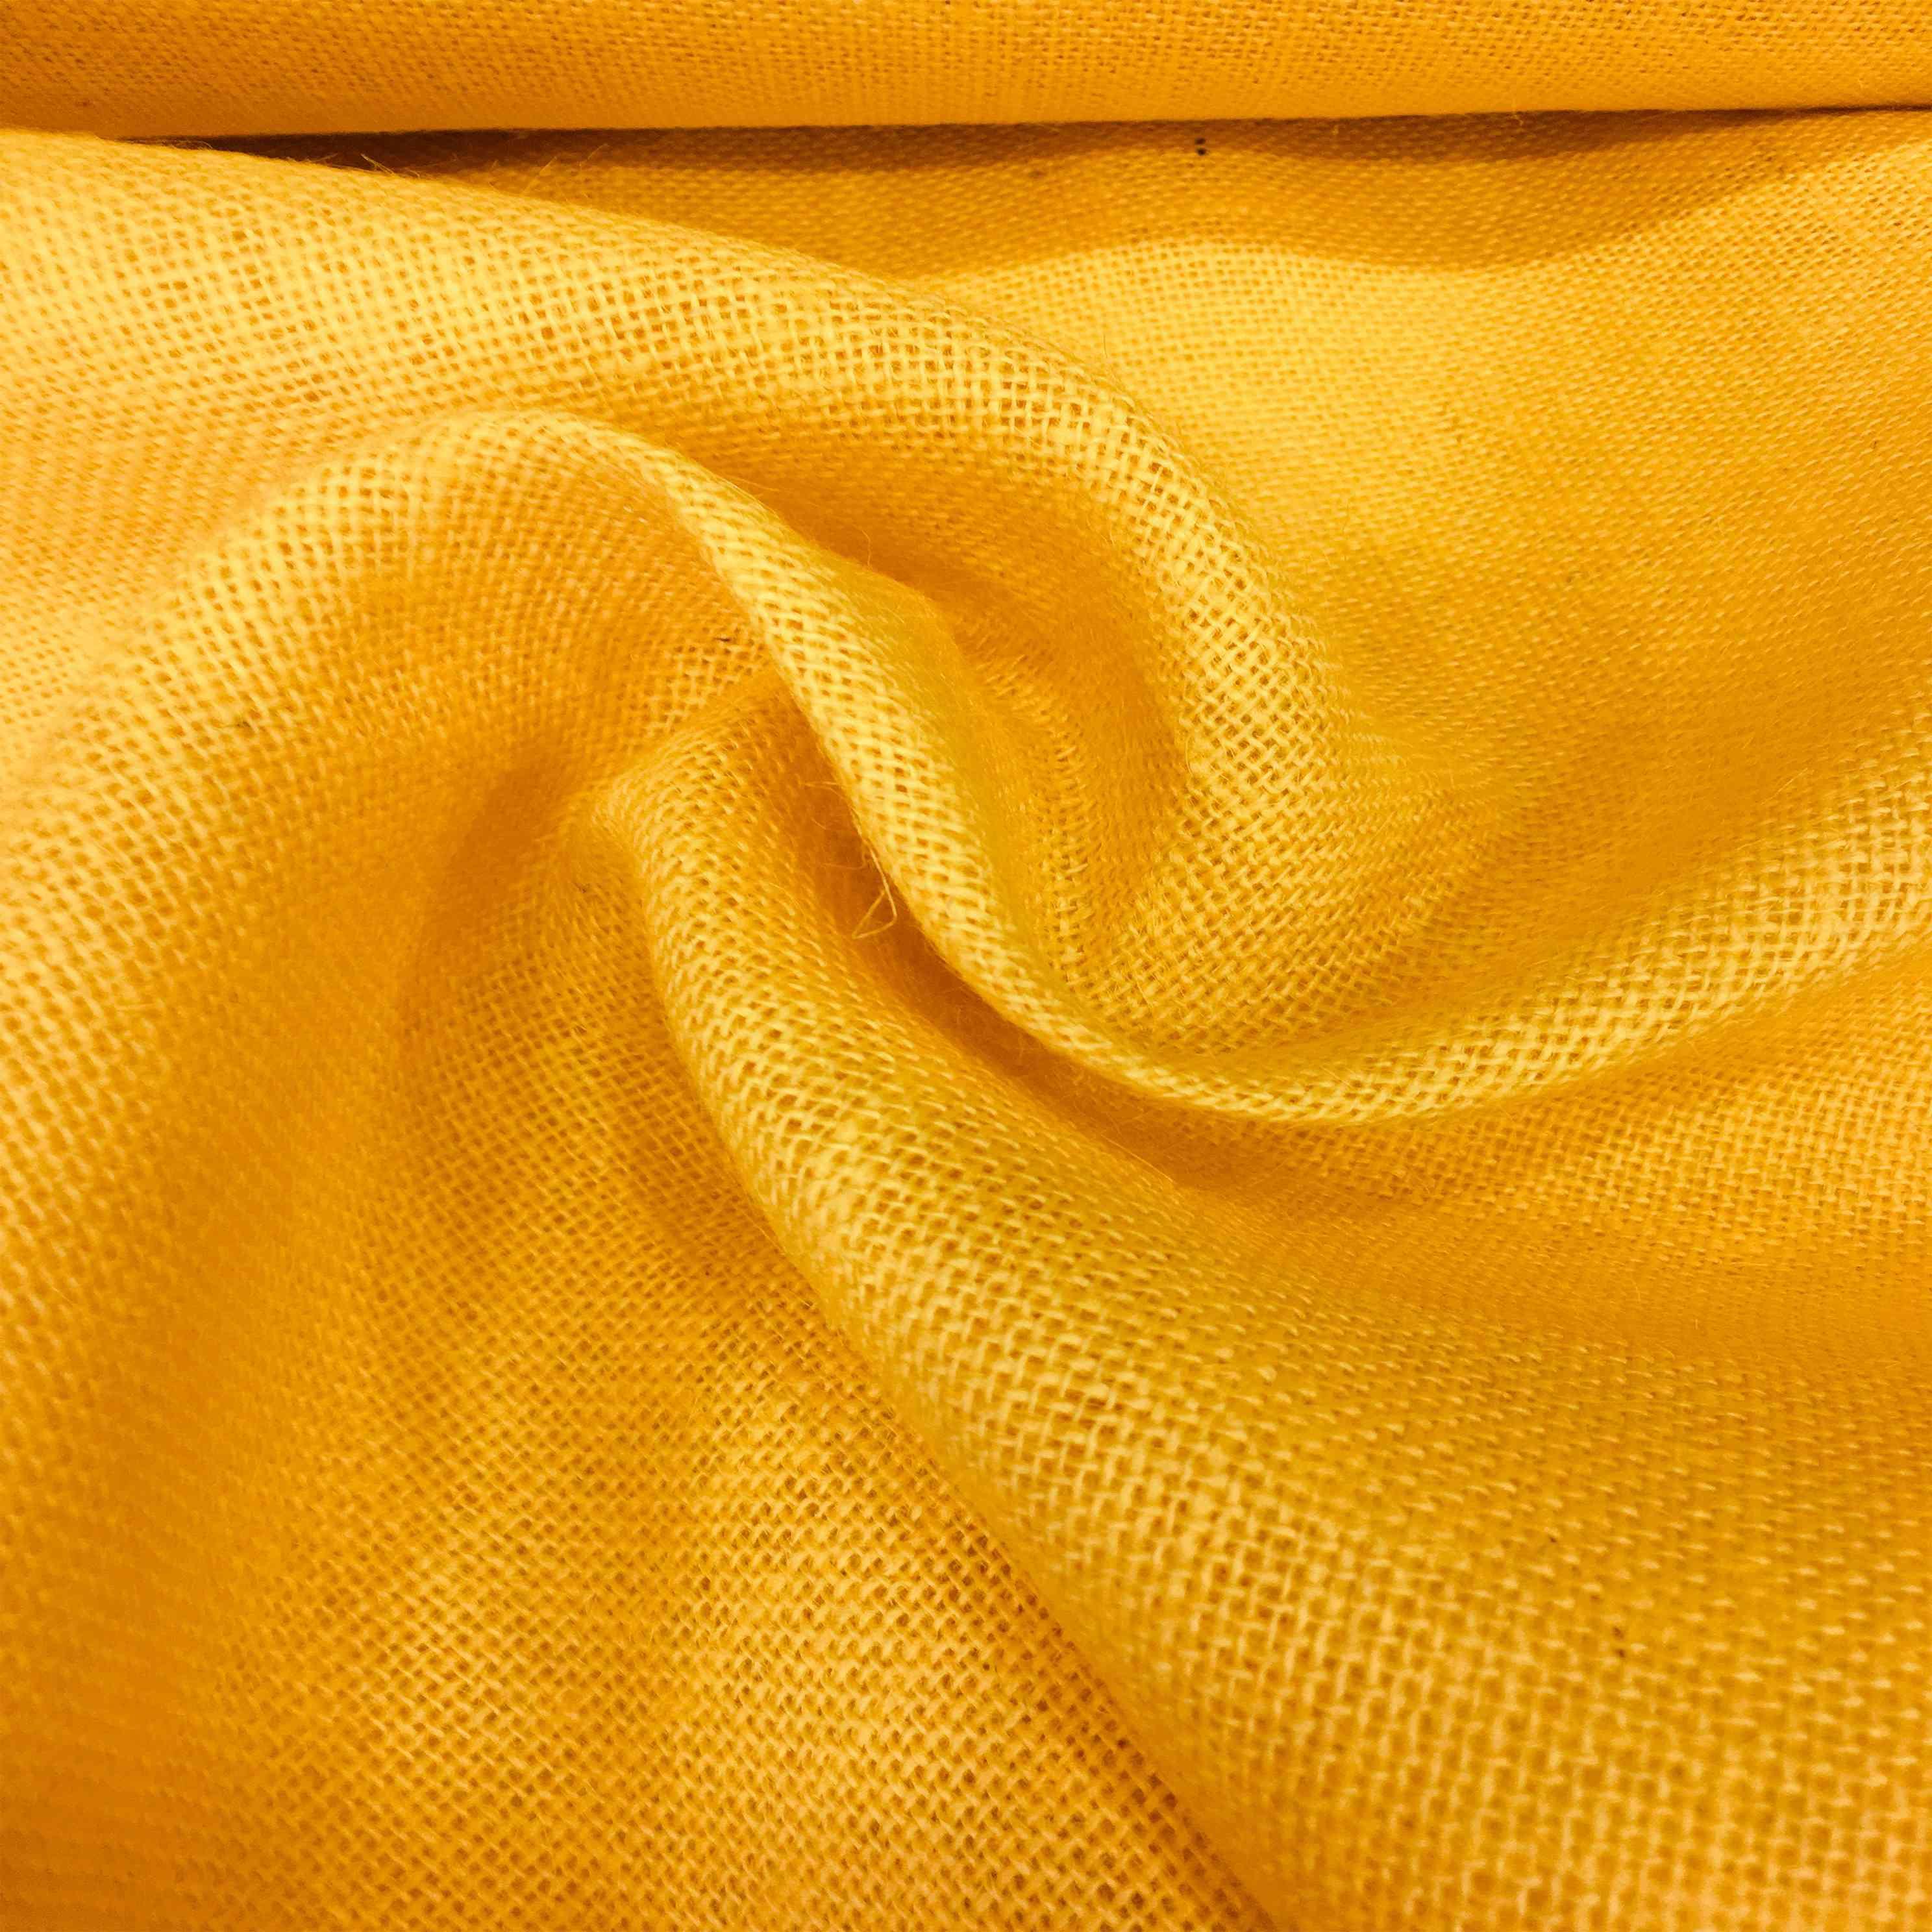 tissu toile de jute jaune tissus lionel. Black Bedroom Furniture Sets. Home Design Ideas